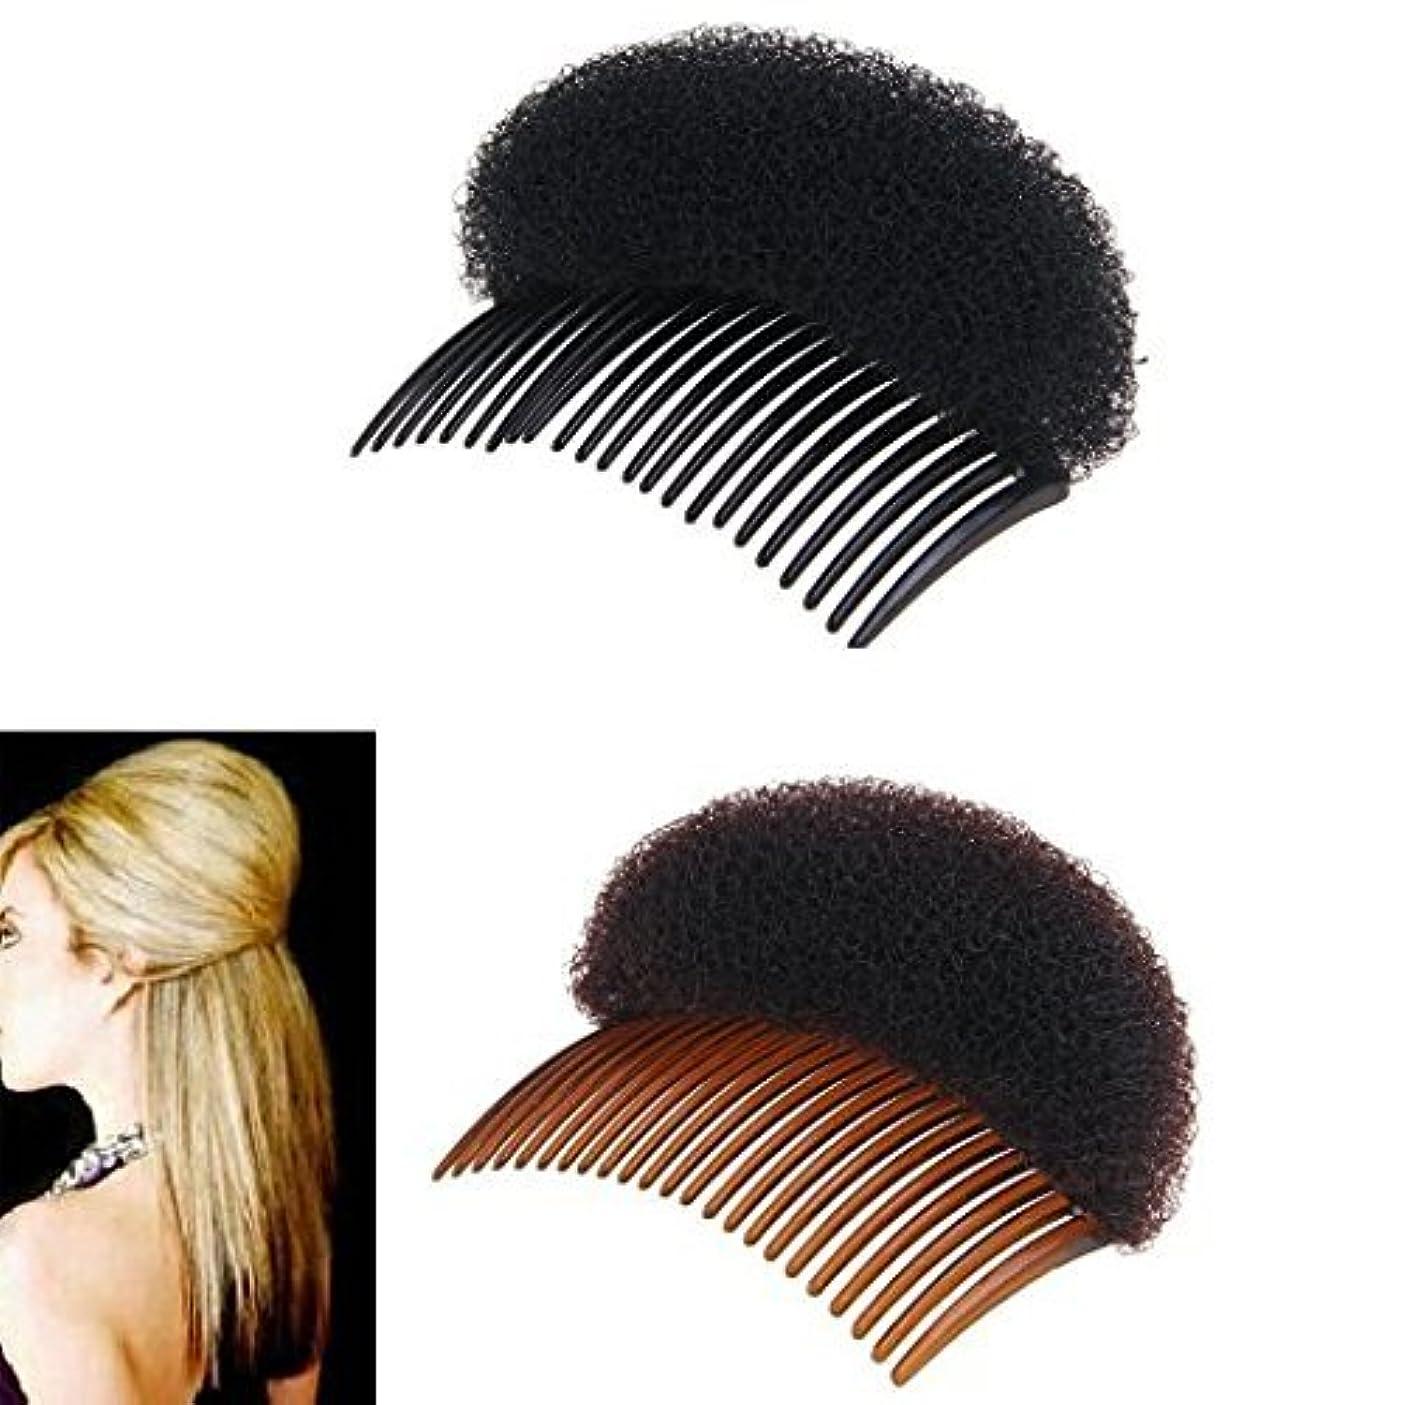 機会抑圧者一致2Pices(1Black+1Brown) Women Bump It Up Volume Hair Base Styling Clip Stick Bum Maker Braid Insert Tool Do Beehive...